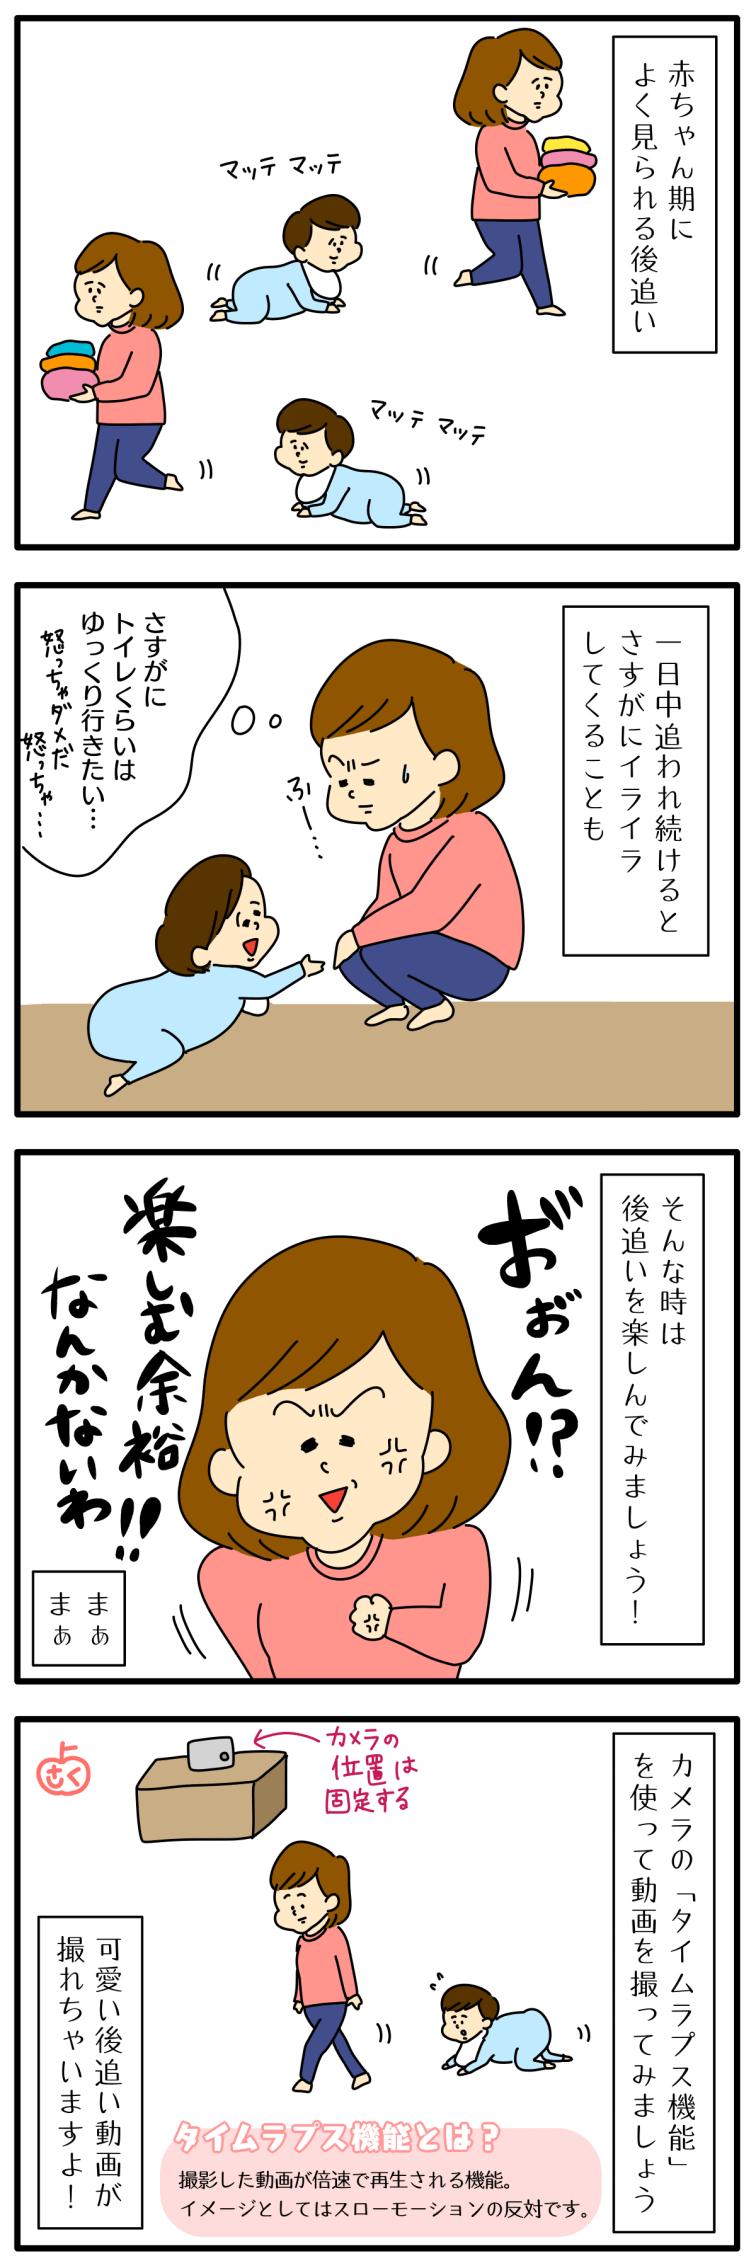 赤ちゃんの後追いついての永岡さくら(saku)子育て4コマ漫画